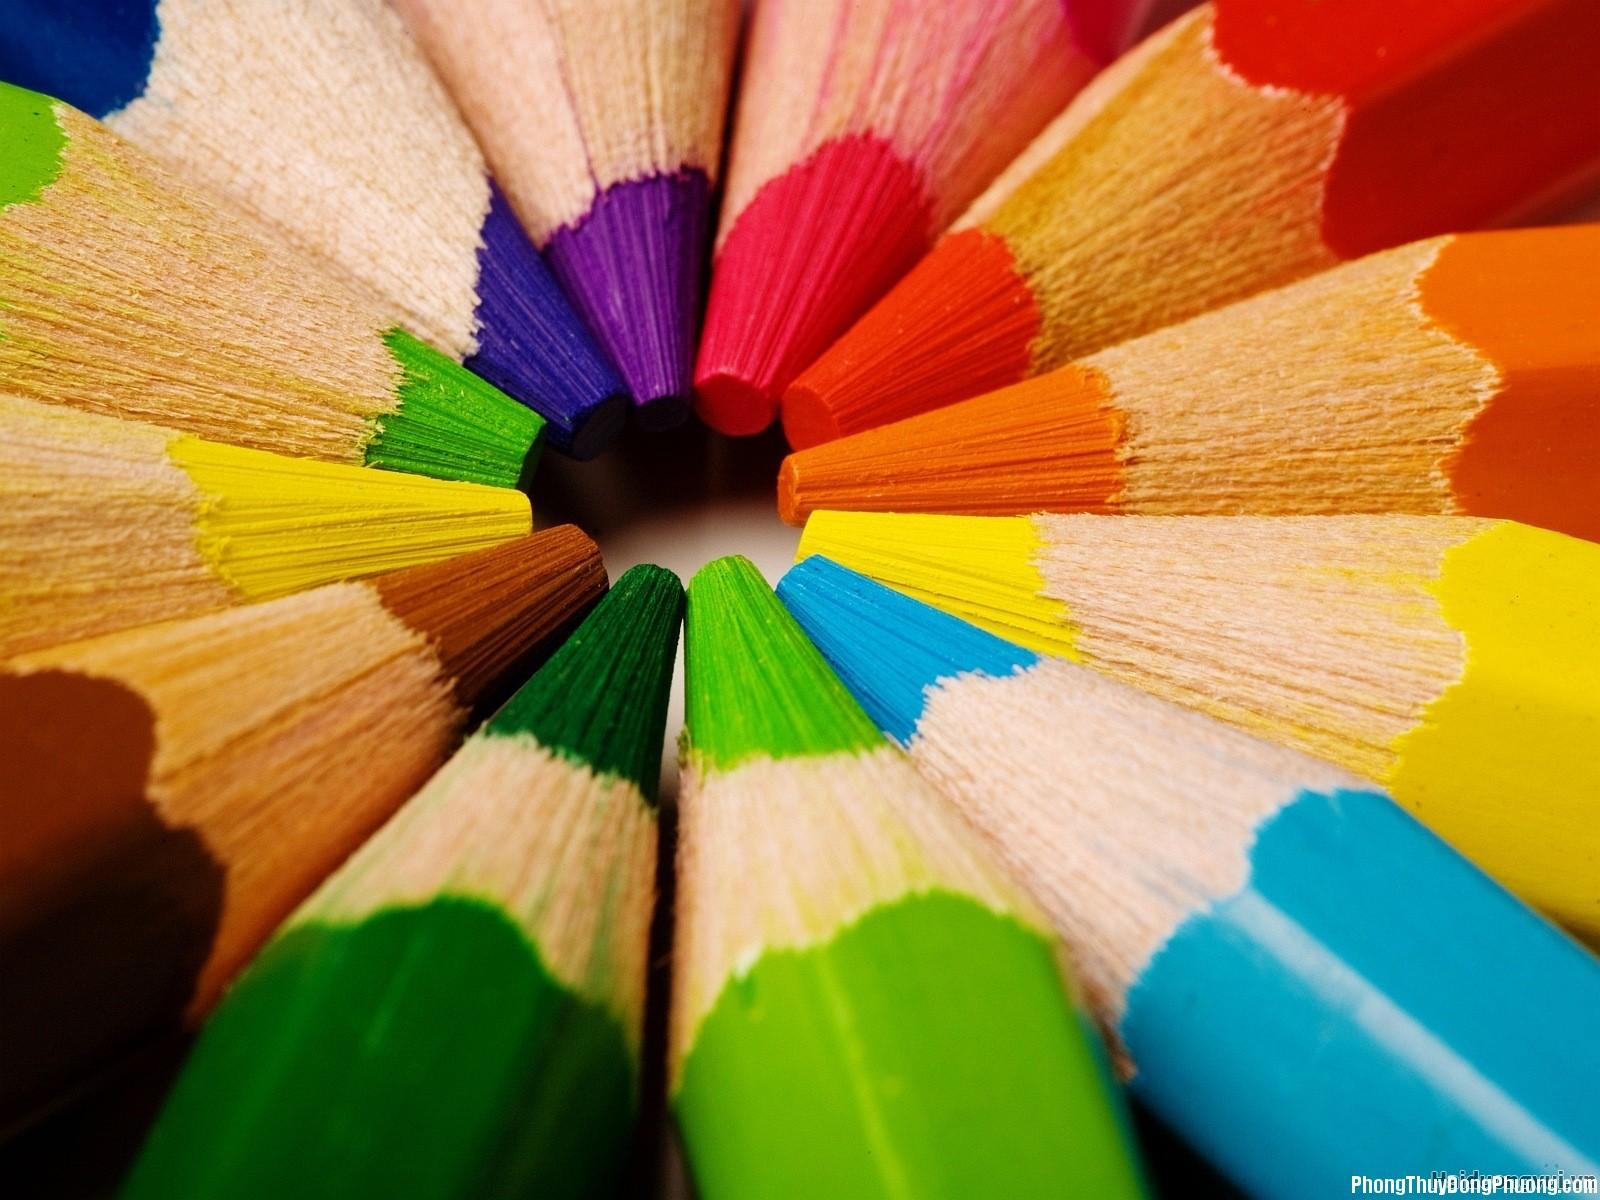 01 phoimautrongnhahopphongthuy sonhanoi Chọn màu sắc thuận theo âm dương, ngũ hành